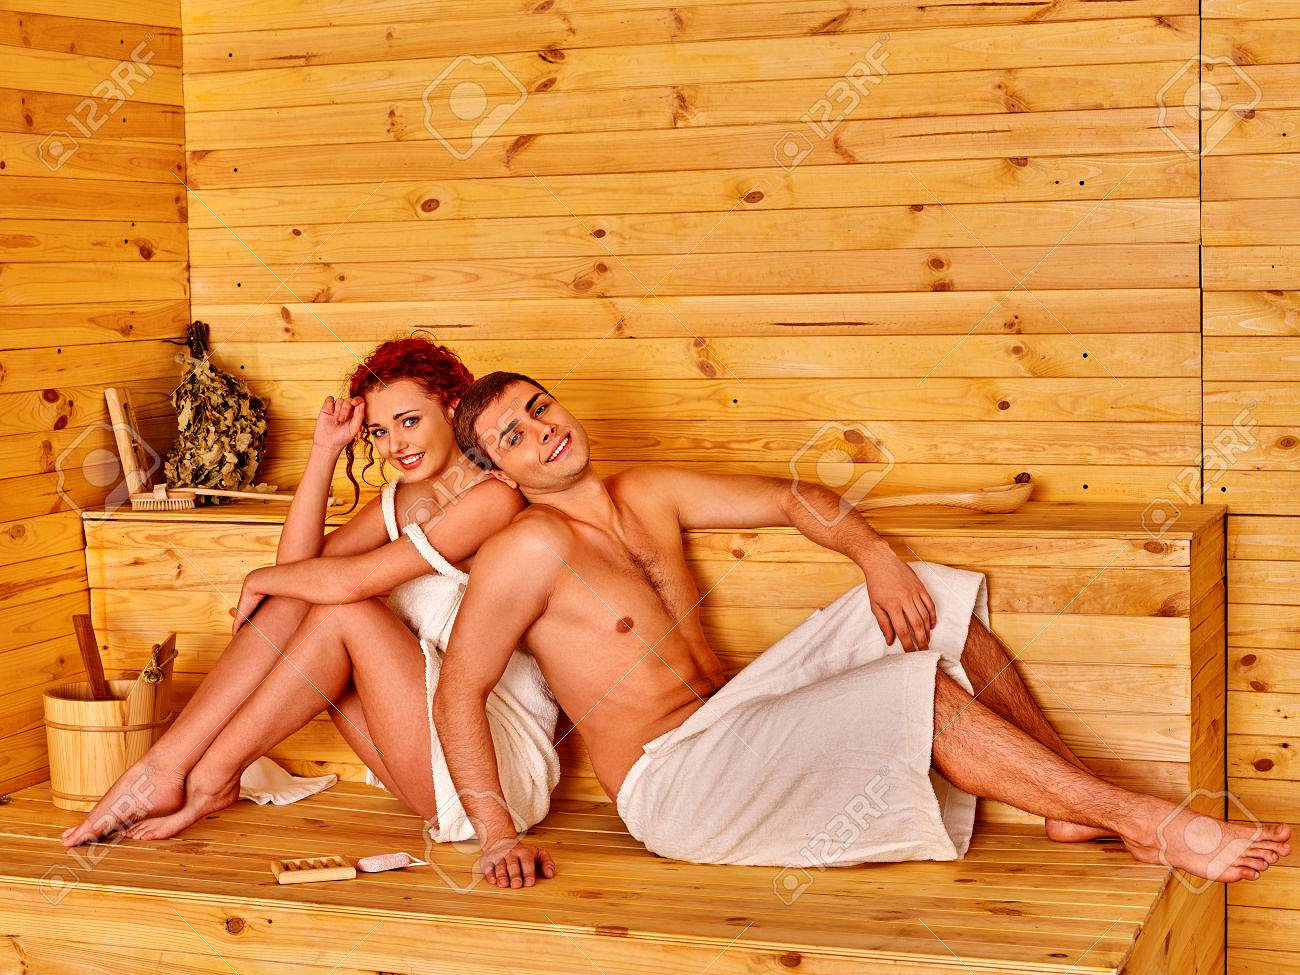 Фото голых баб за 50 в бане, Голые девушки в бане - красивые русские бабы 13 фотография